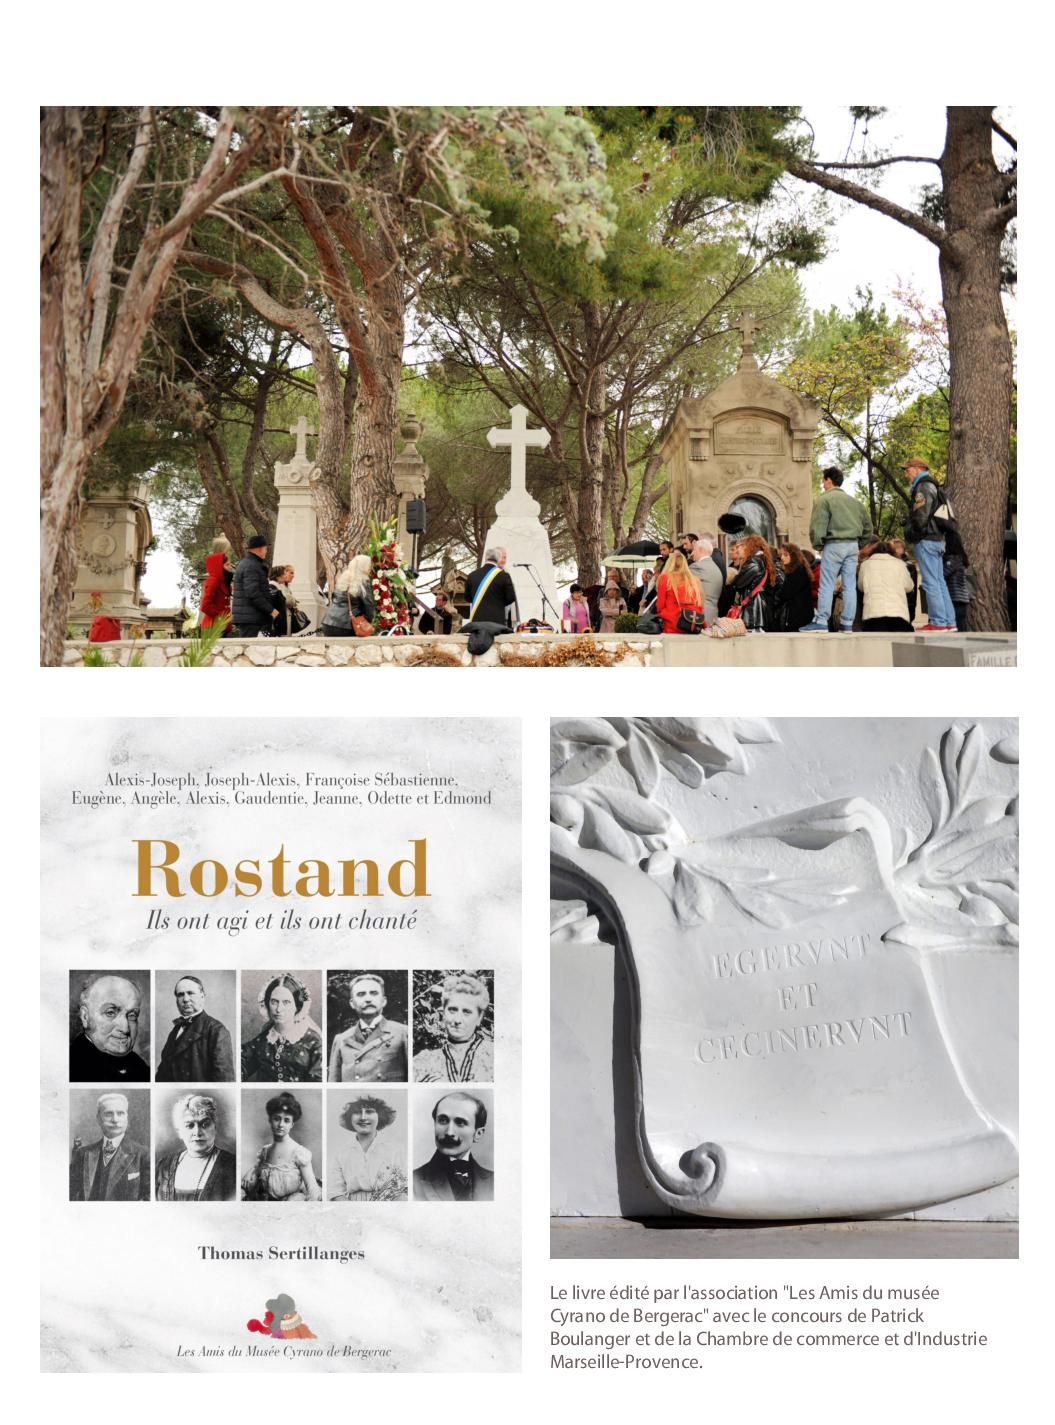 Festival Edmond Rostand Album Souvenir